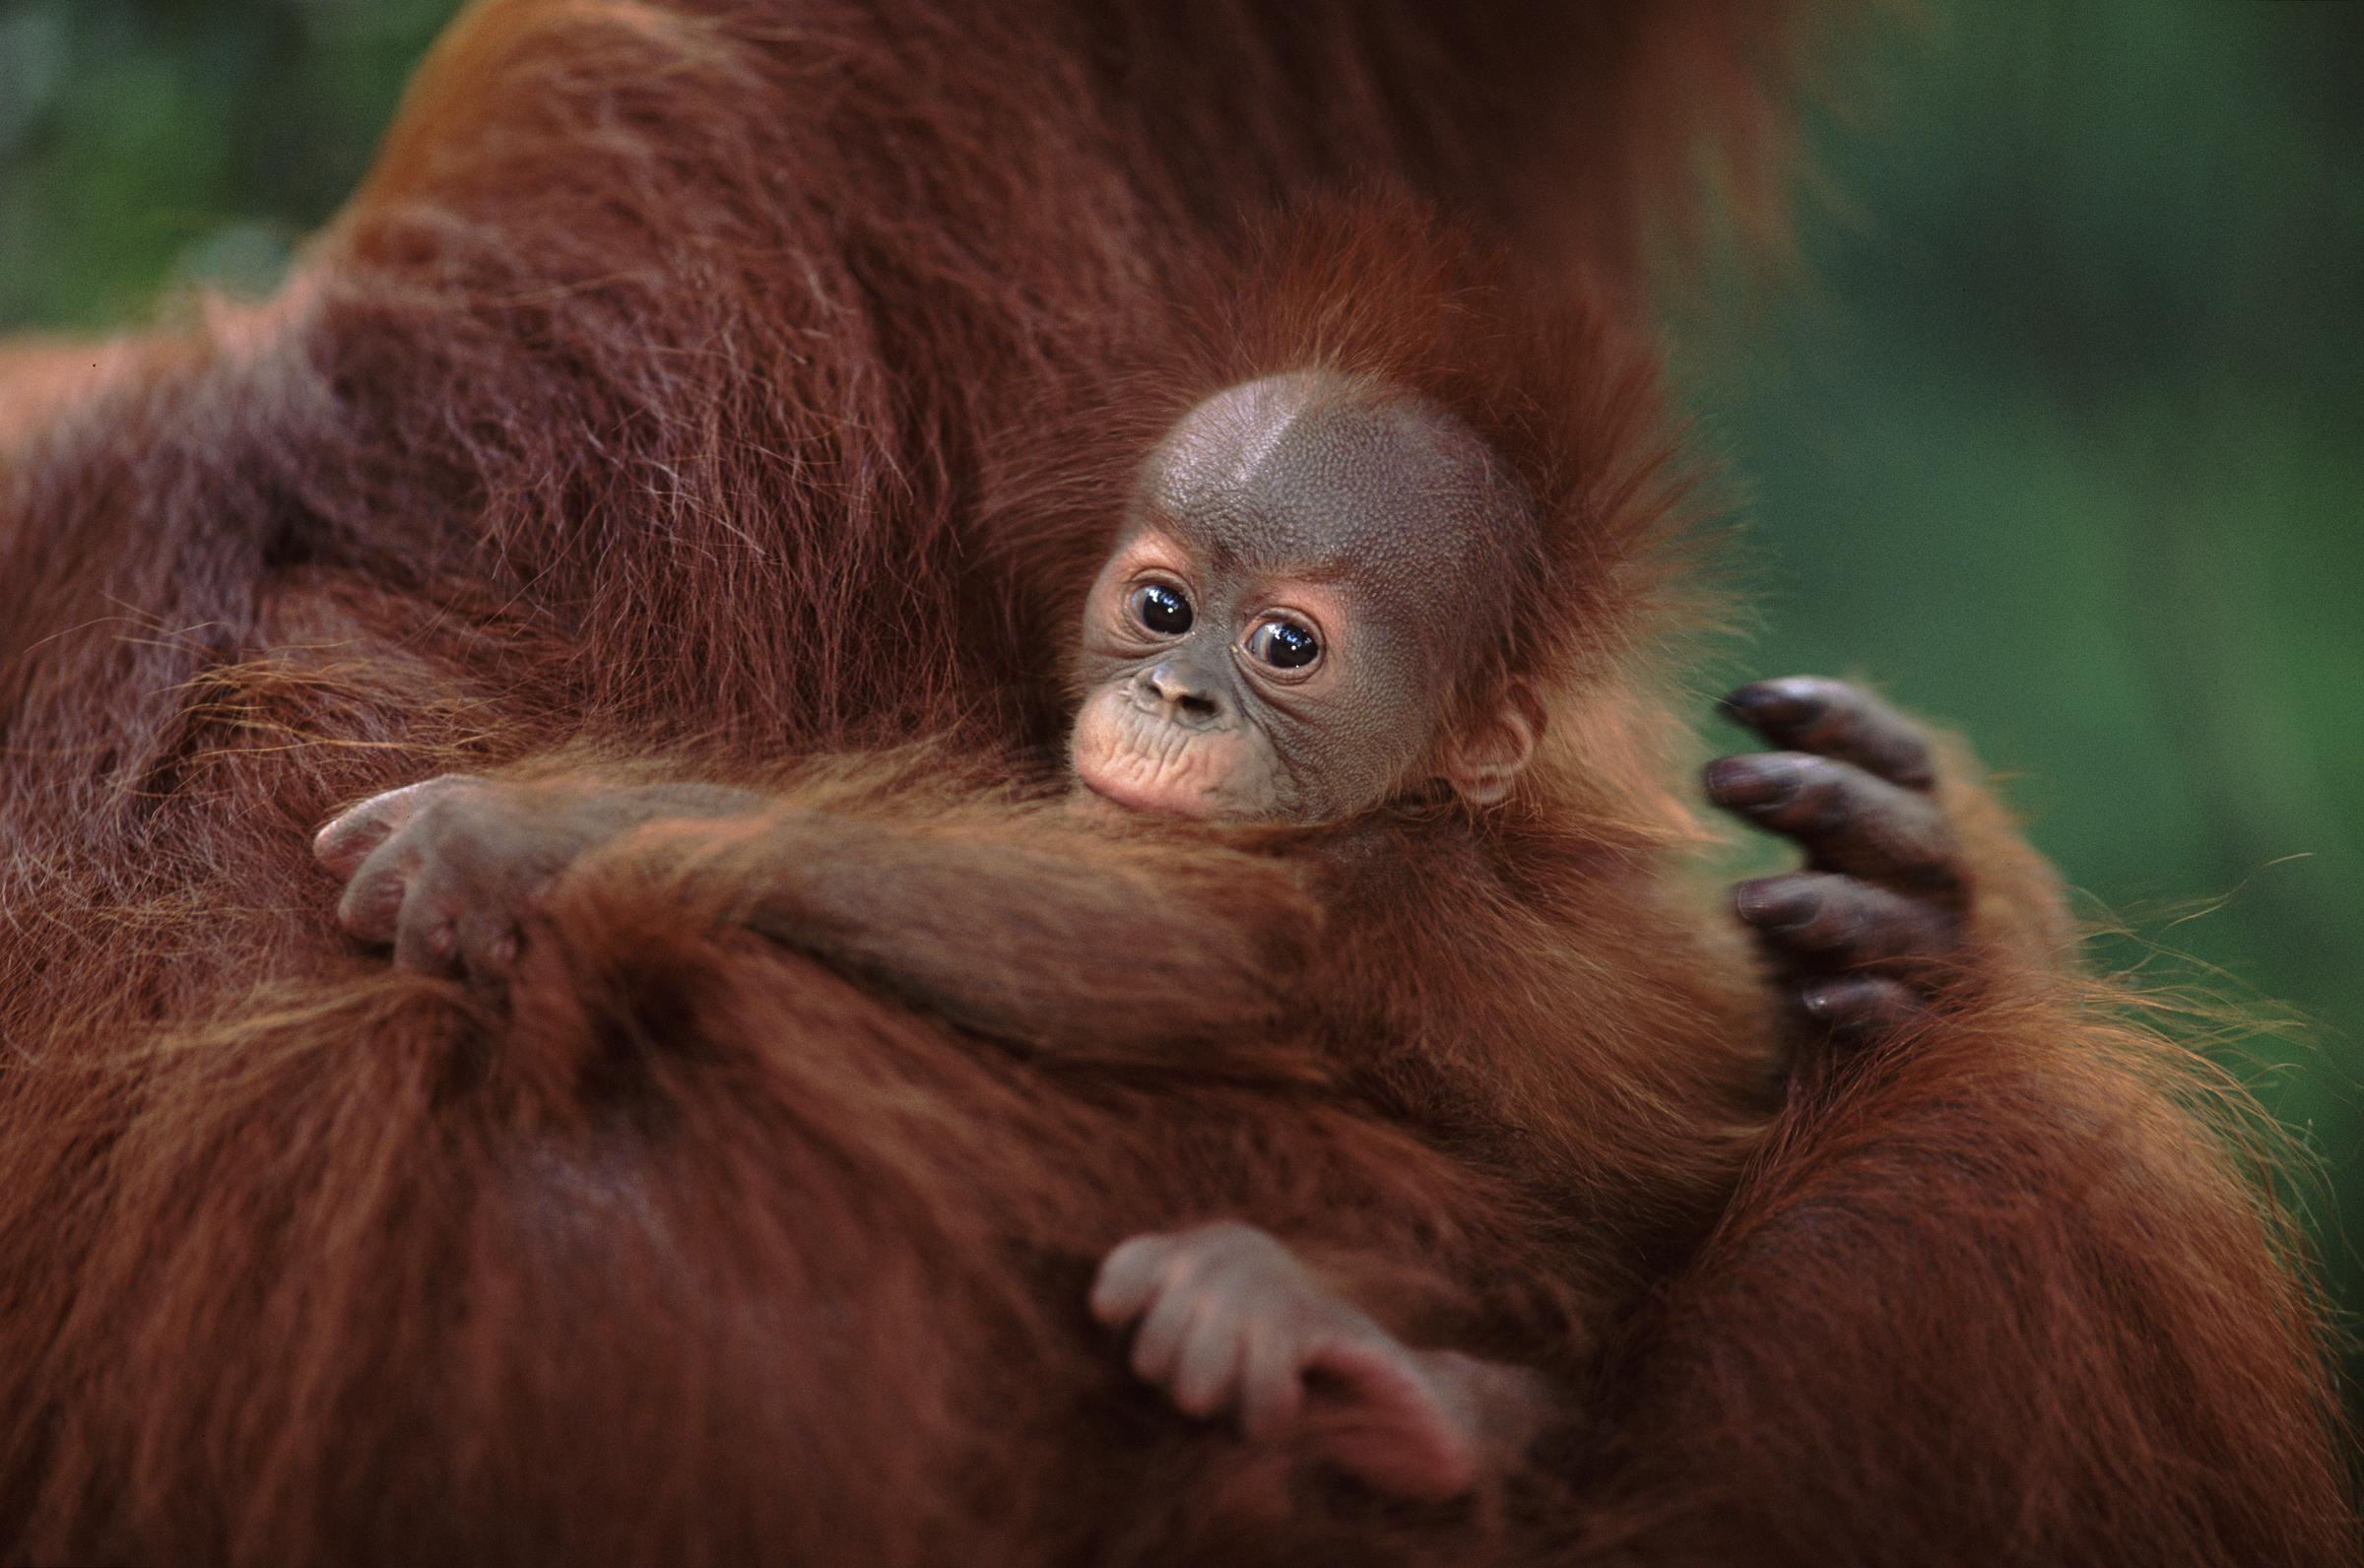 Pieni orangin poikanen äitiinsä tarrautuneena